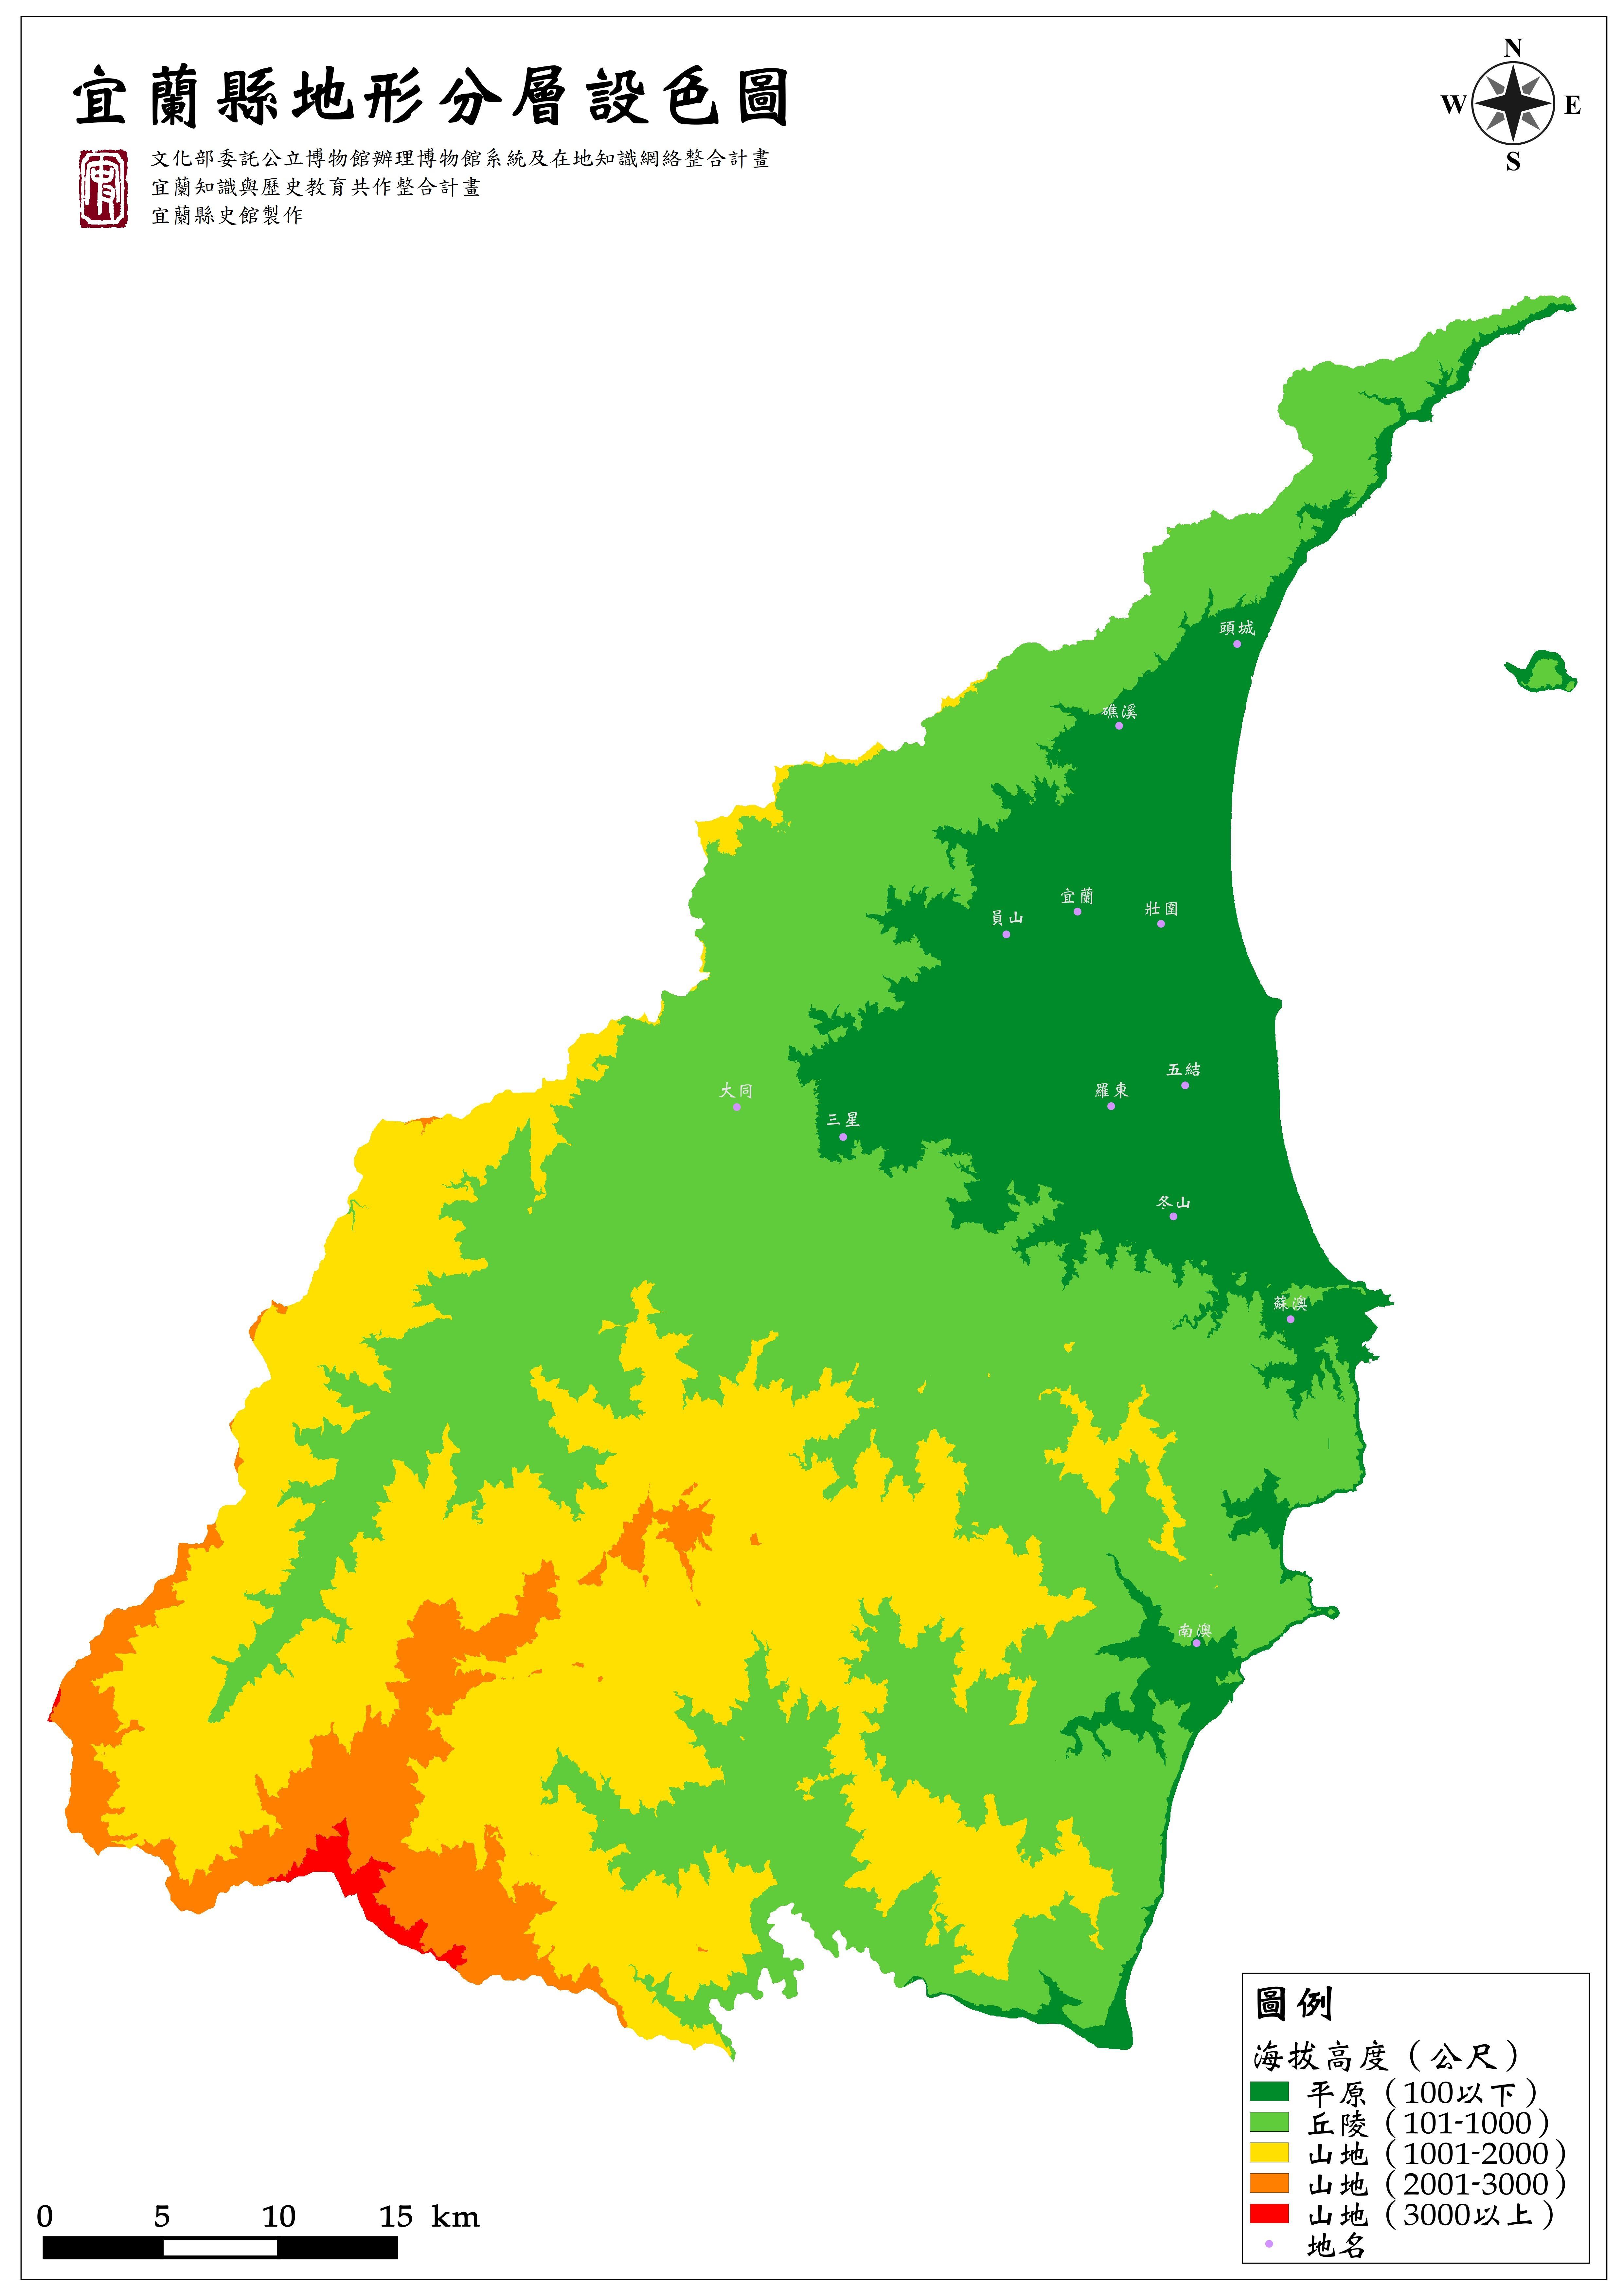 宜蘭縣地形分層設色圖